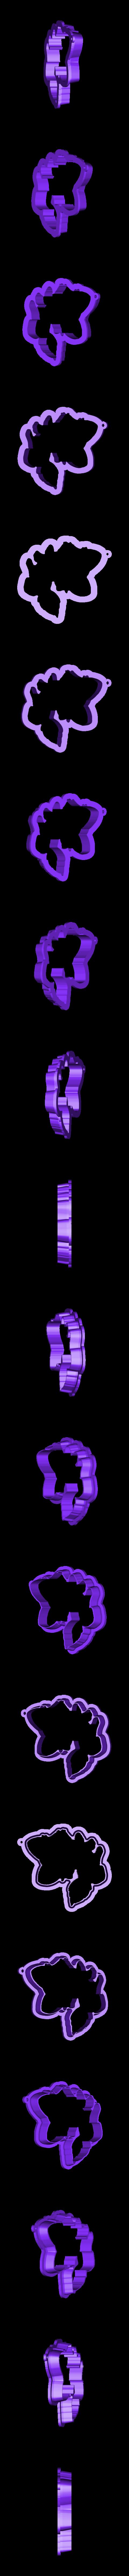 1.stl Download STL file Cute Fox Cookie Cutter • 3D printer template, 3dfactory